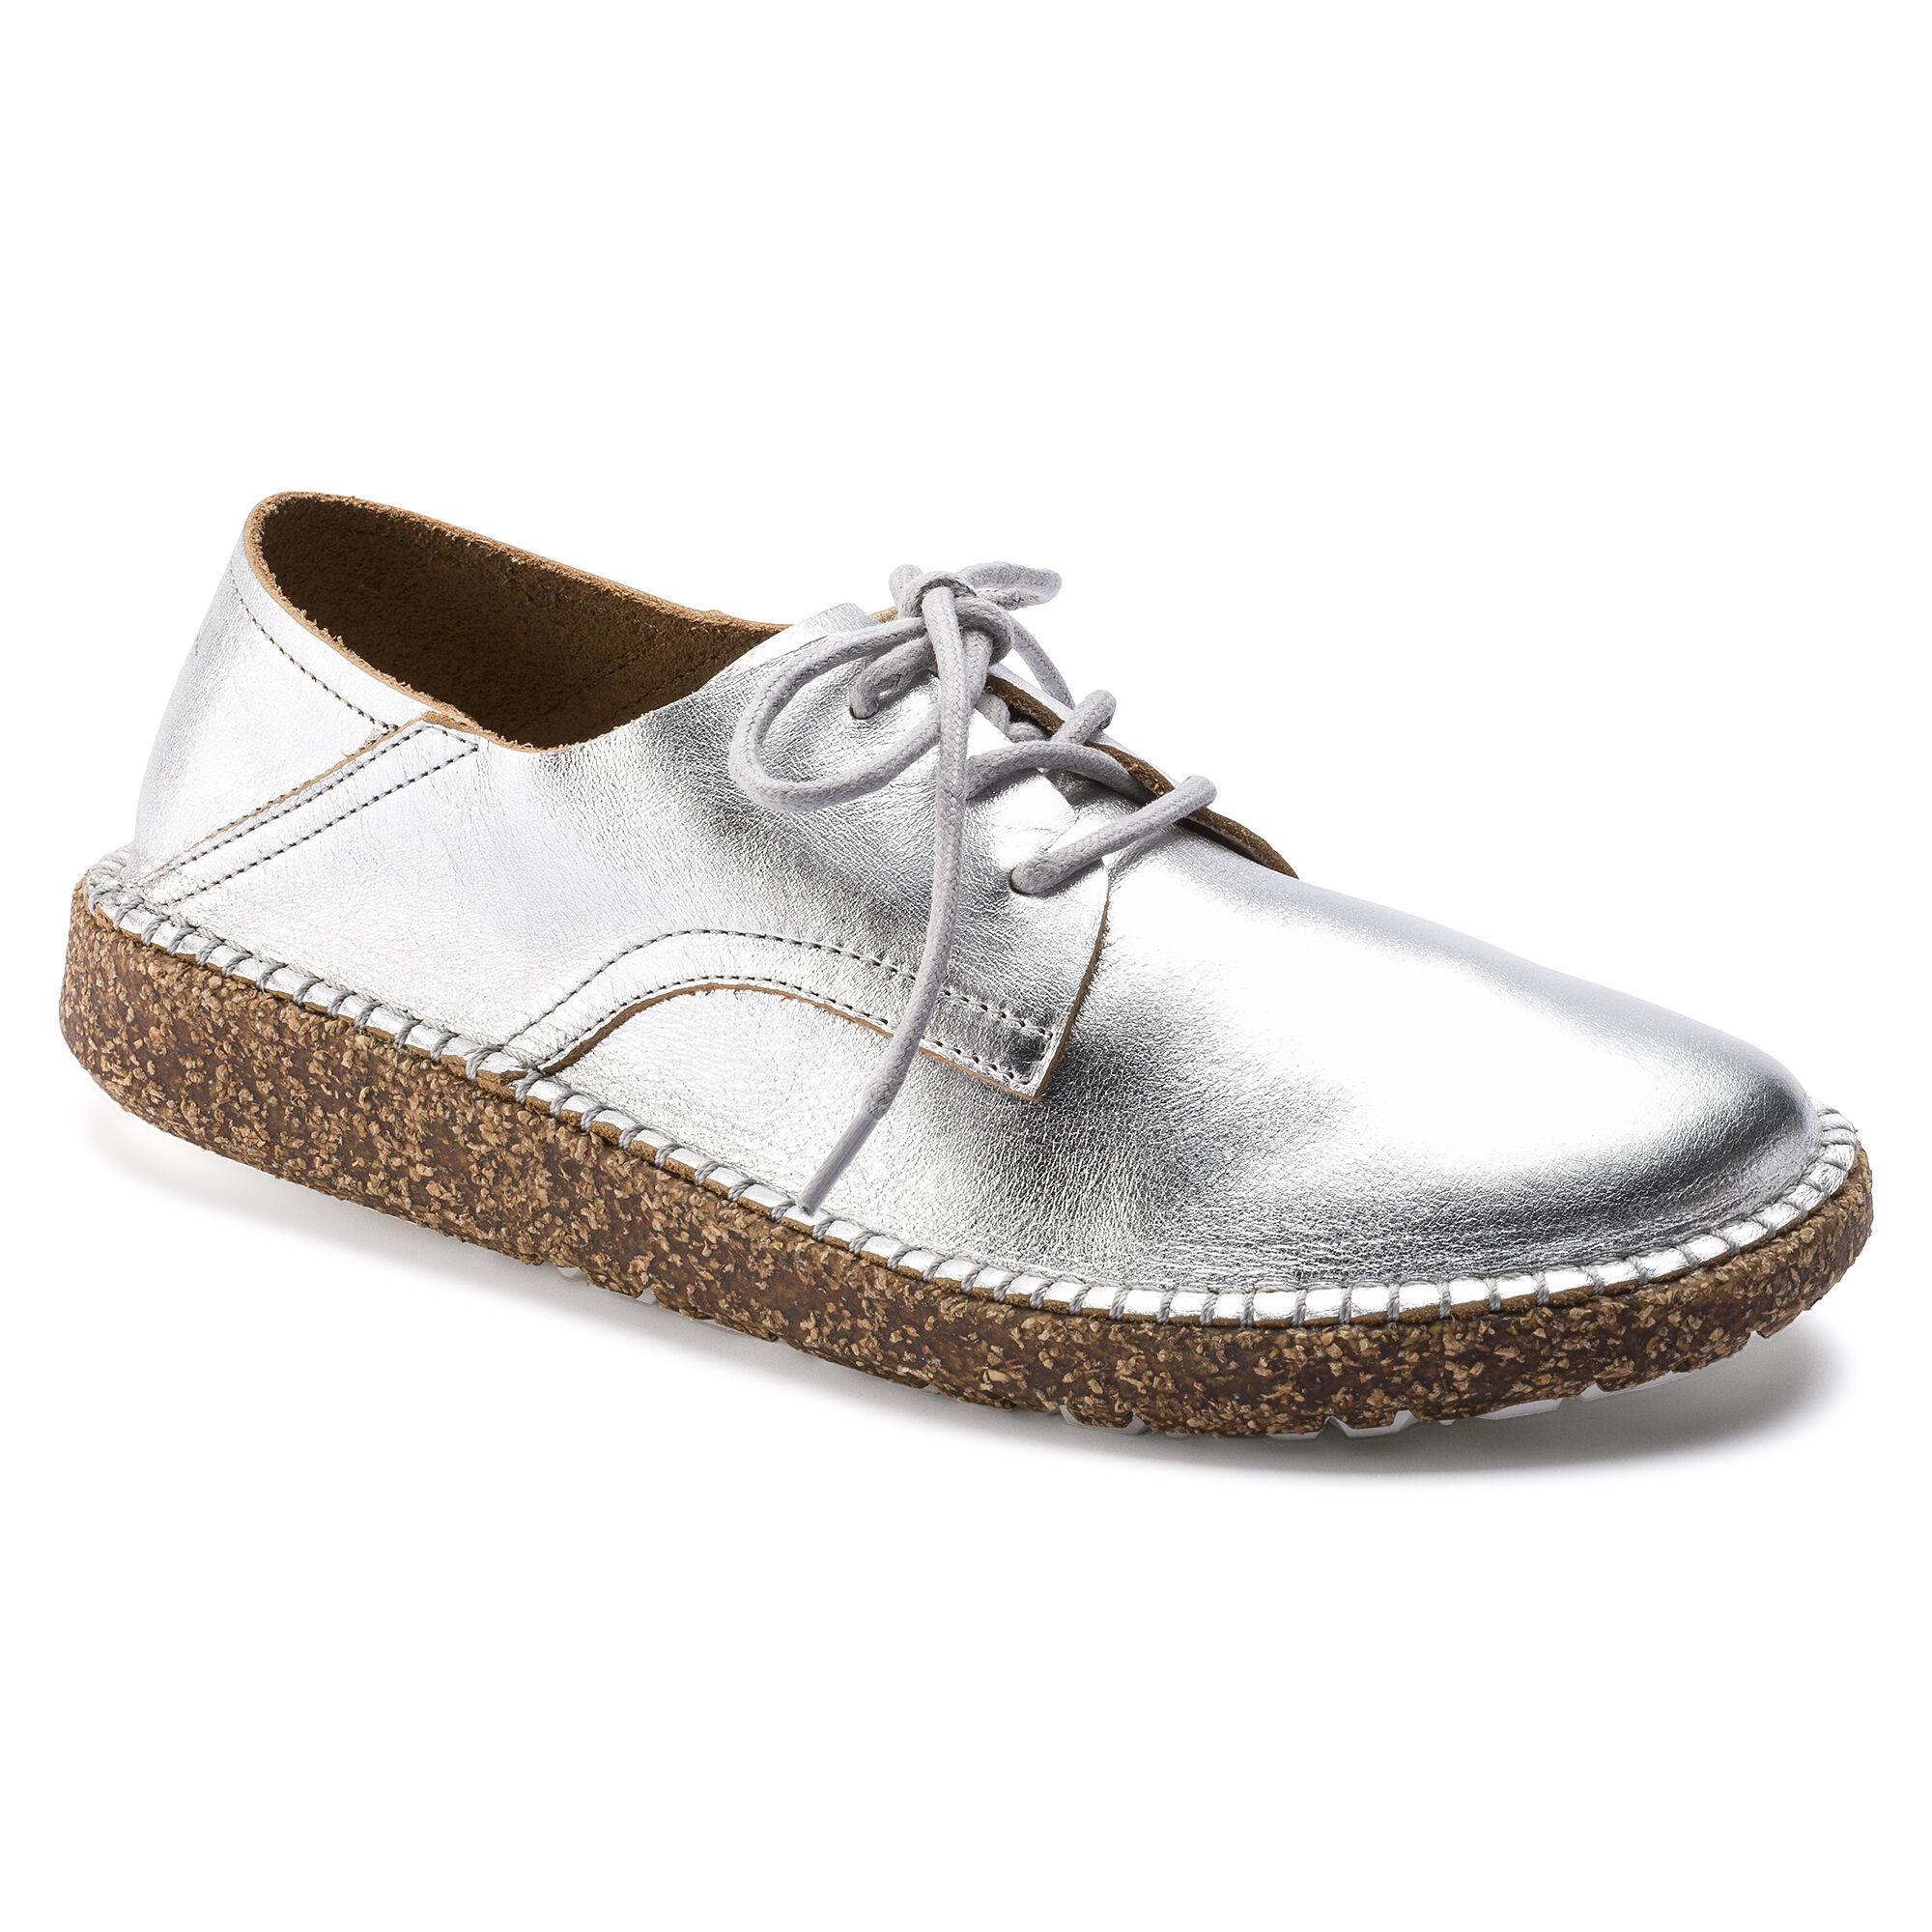 Bei DamenOnline Bequeme Für Schuhe Kaufen Birkenstock Y6g7yfvb